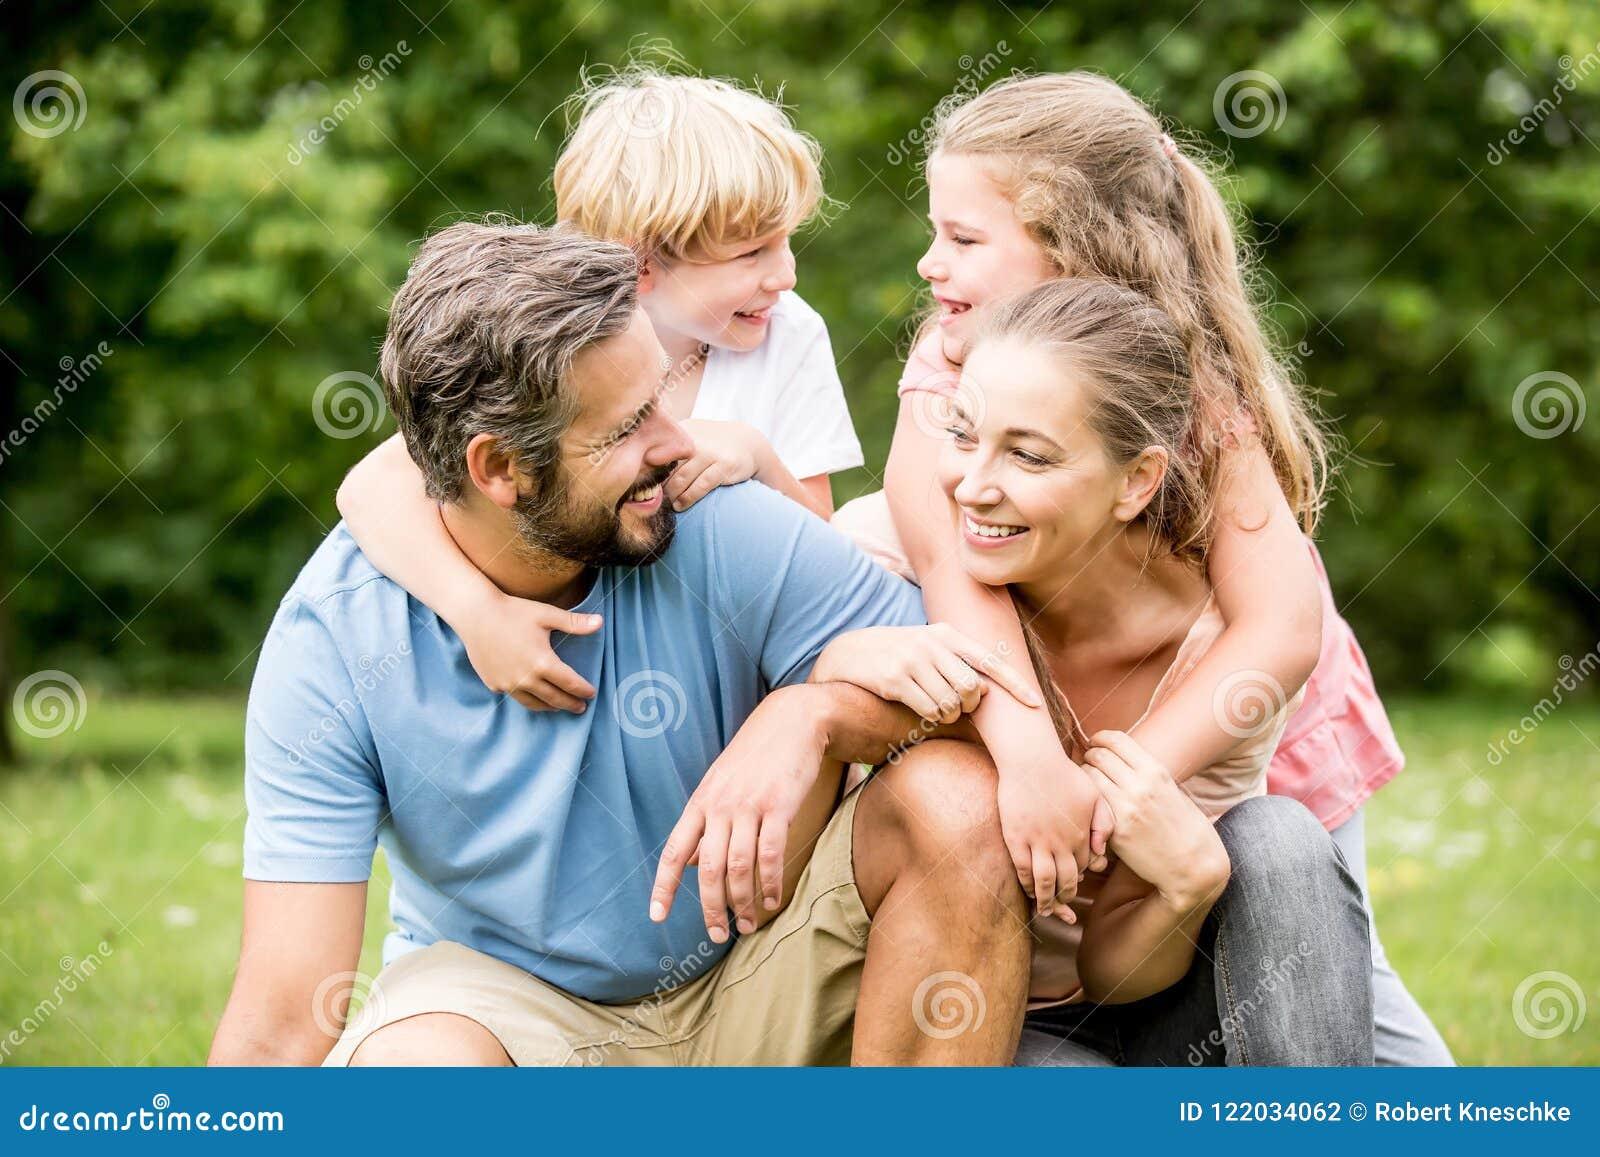 Dzieci i rodzice jako szczęśliwa rodzina